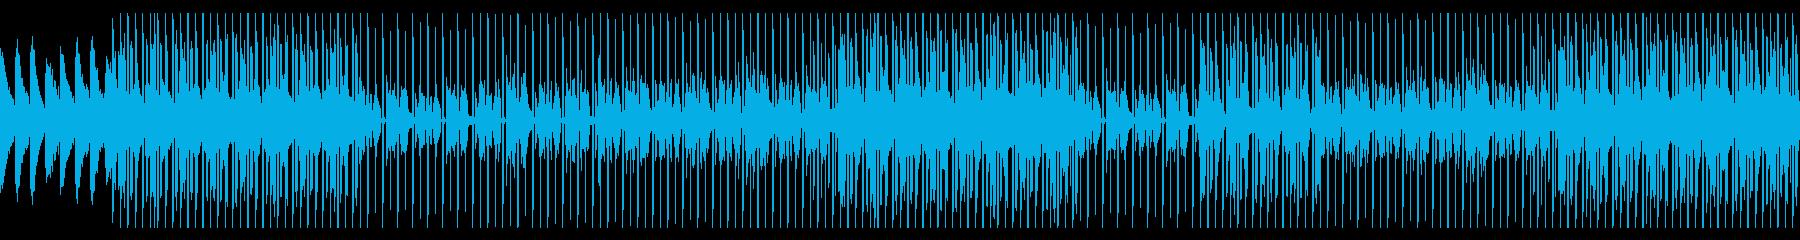 シティポップ風のオシャレなBGMの再生済みの波形